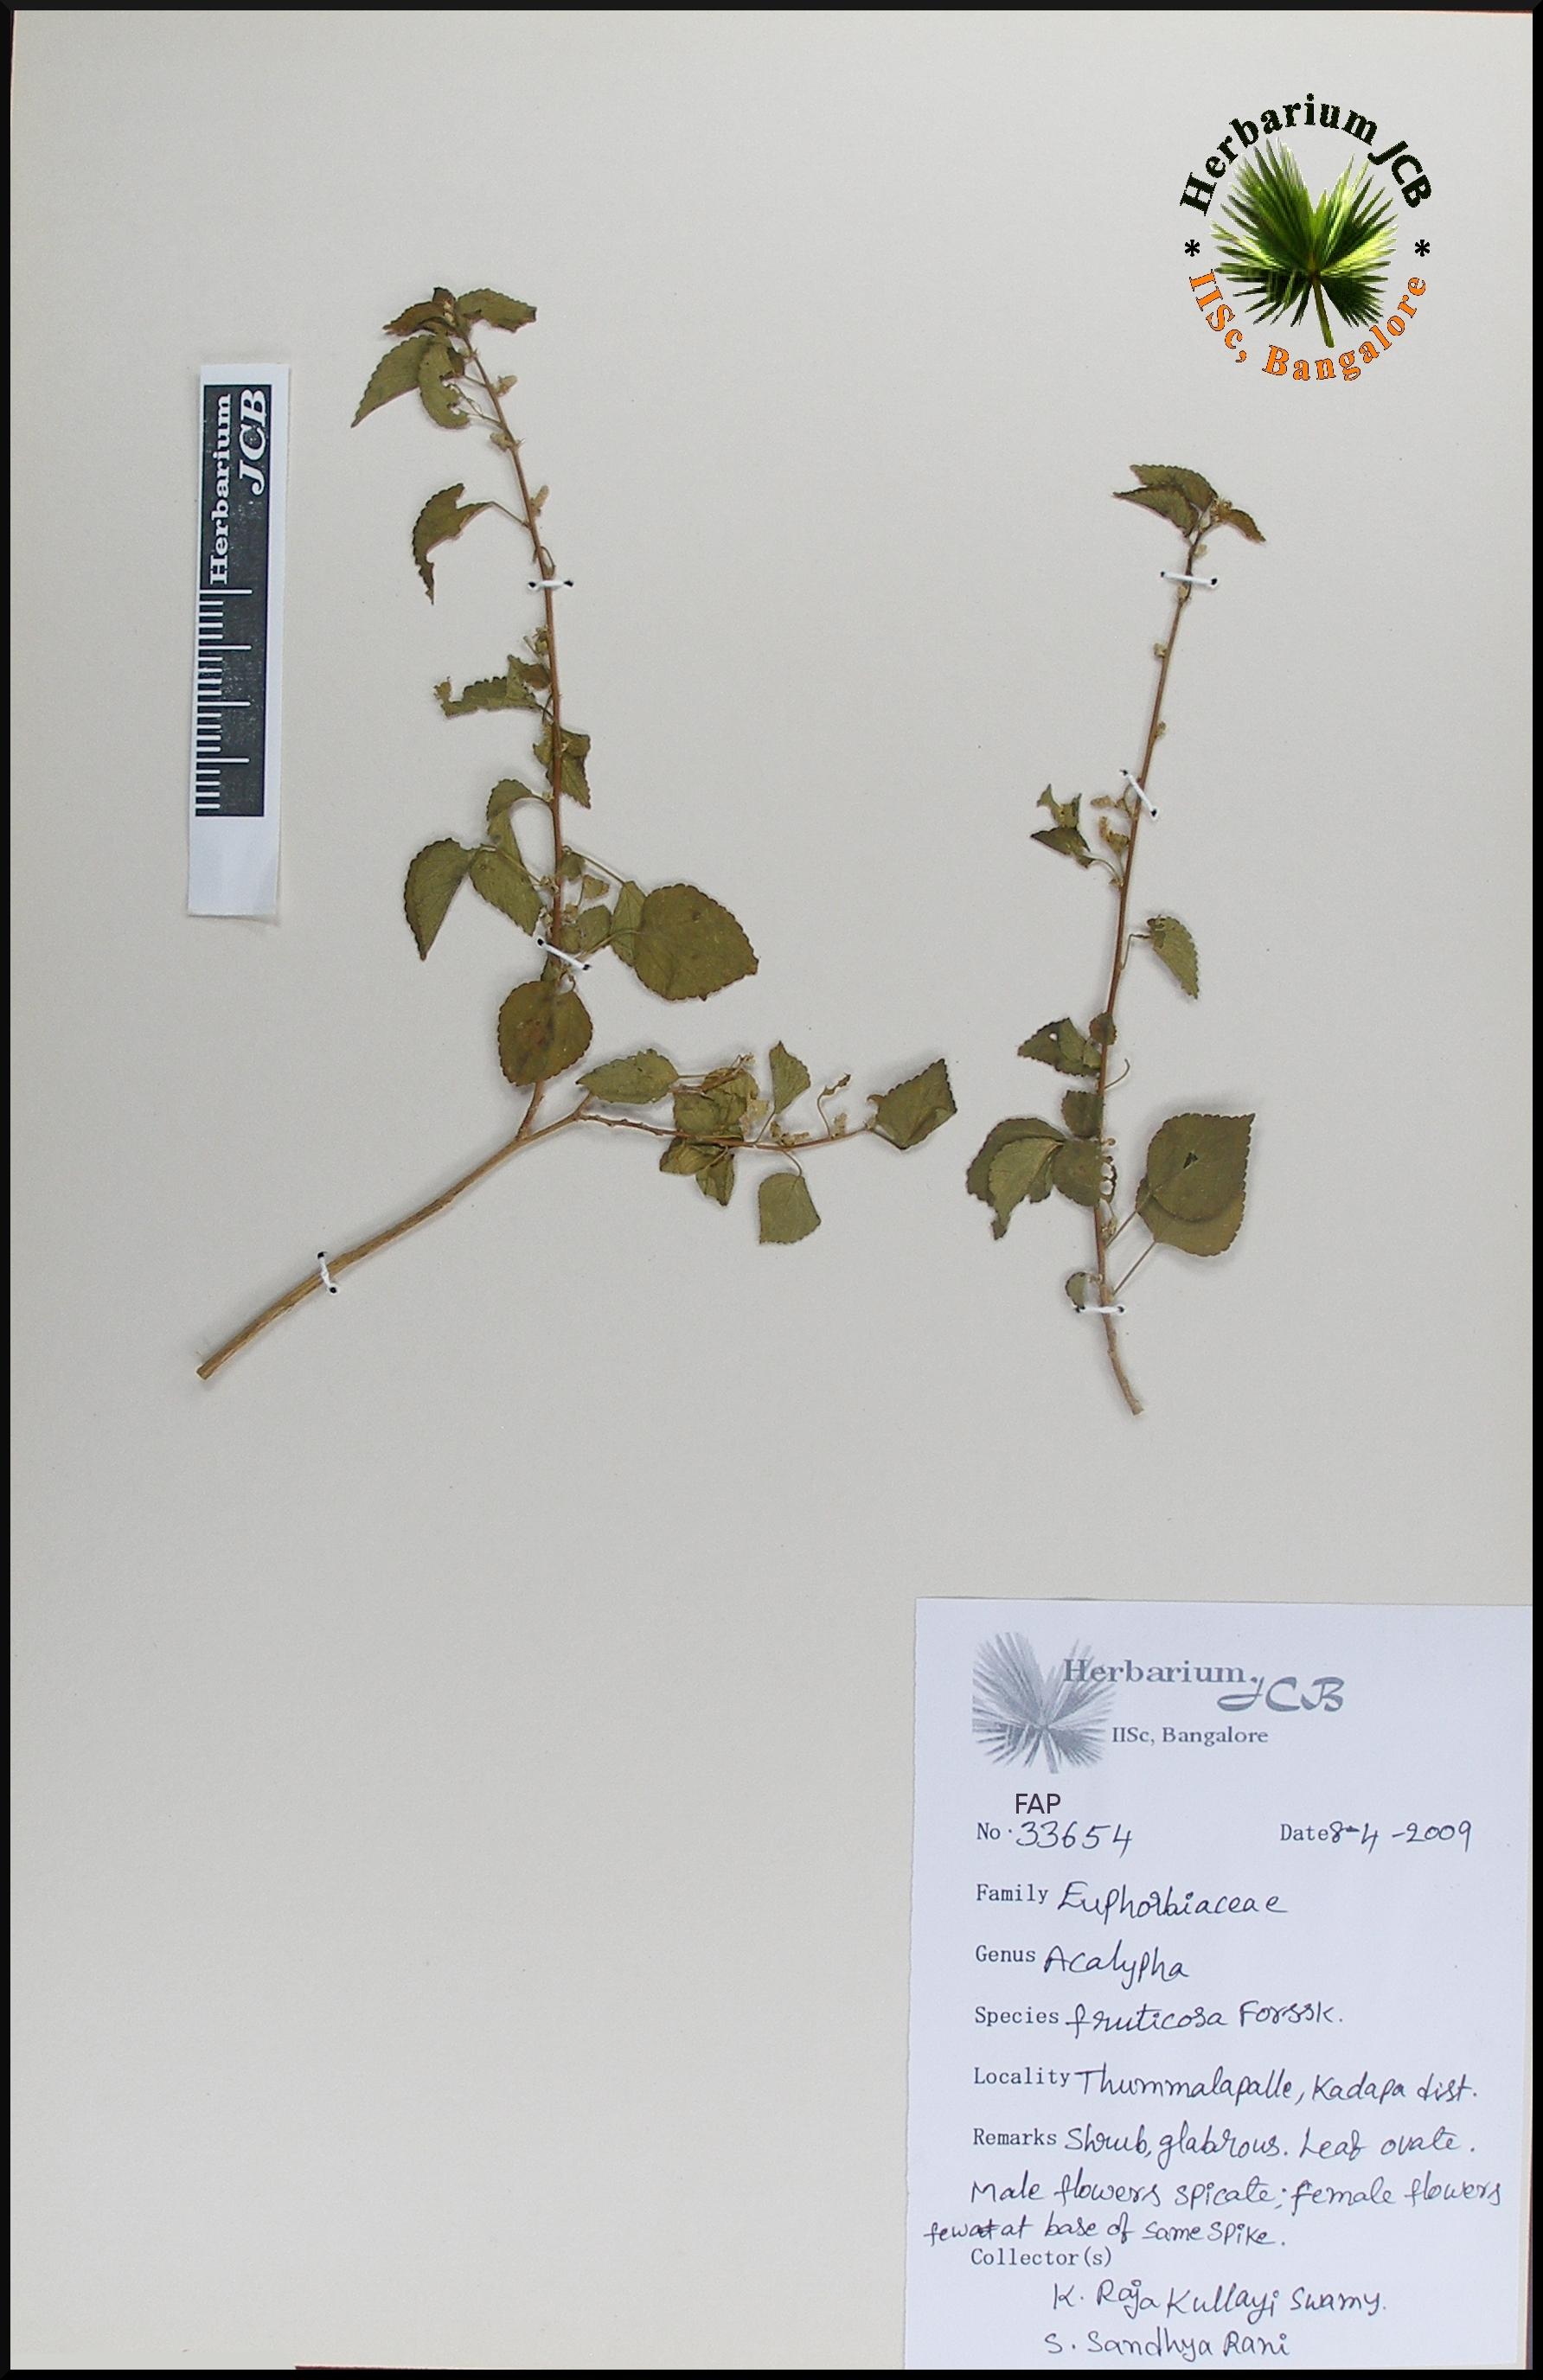 Herbarium Jcb